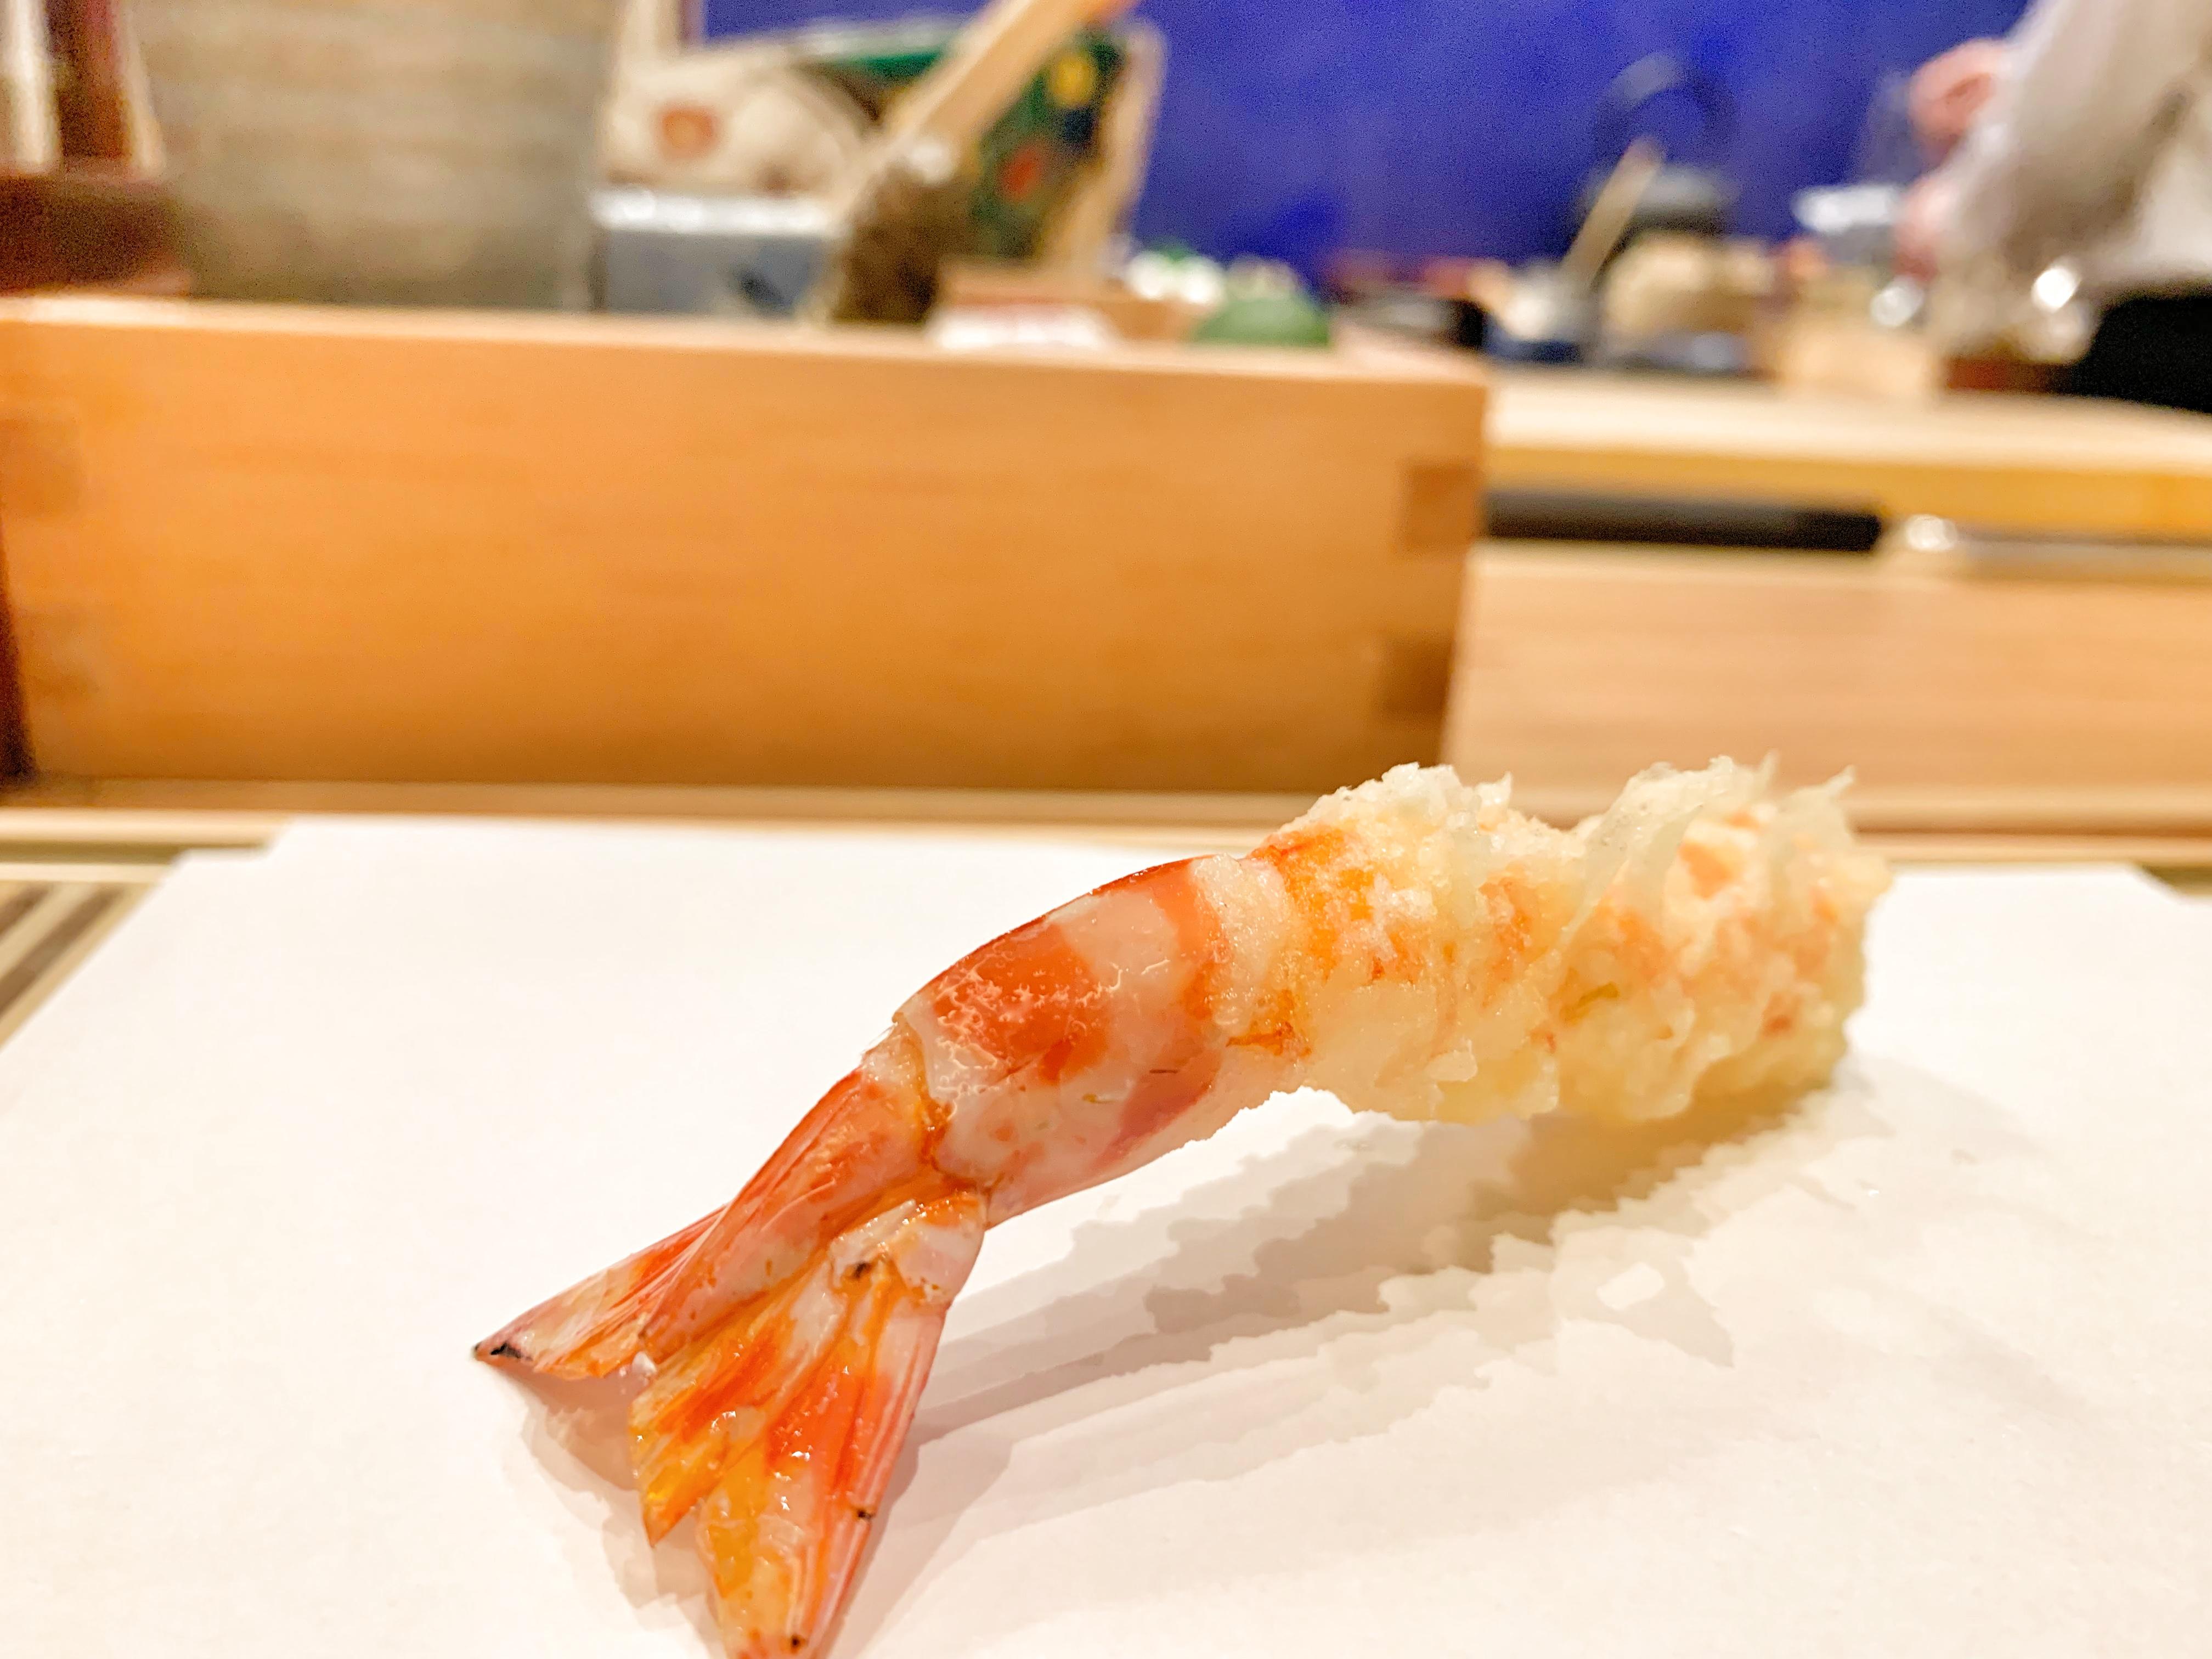 誕生日は食い倒れ!中目黒にある、見た目は最高にボロいけど最高に美味しい天ぷらと、六本木の焼いてくれる焼肉屋さん!